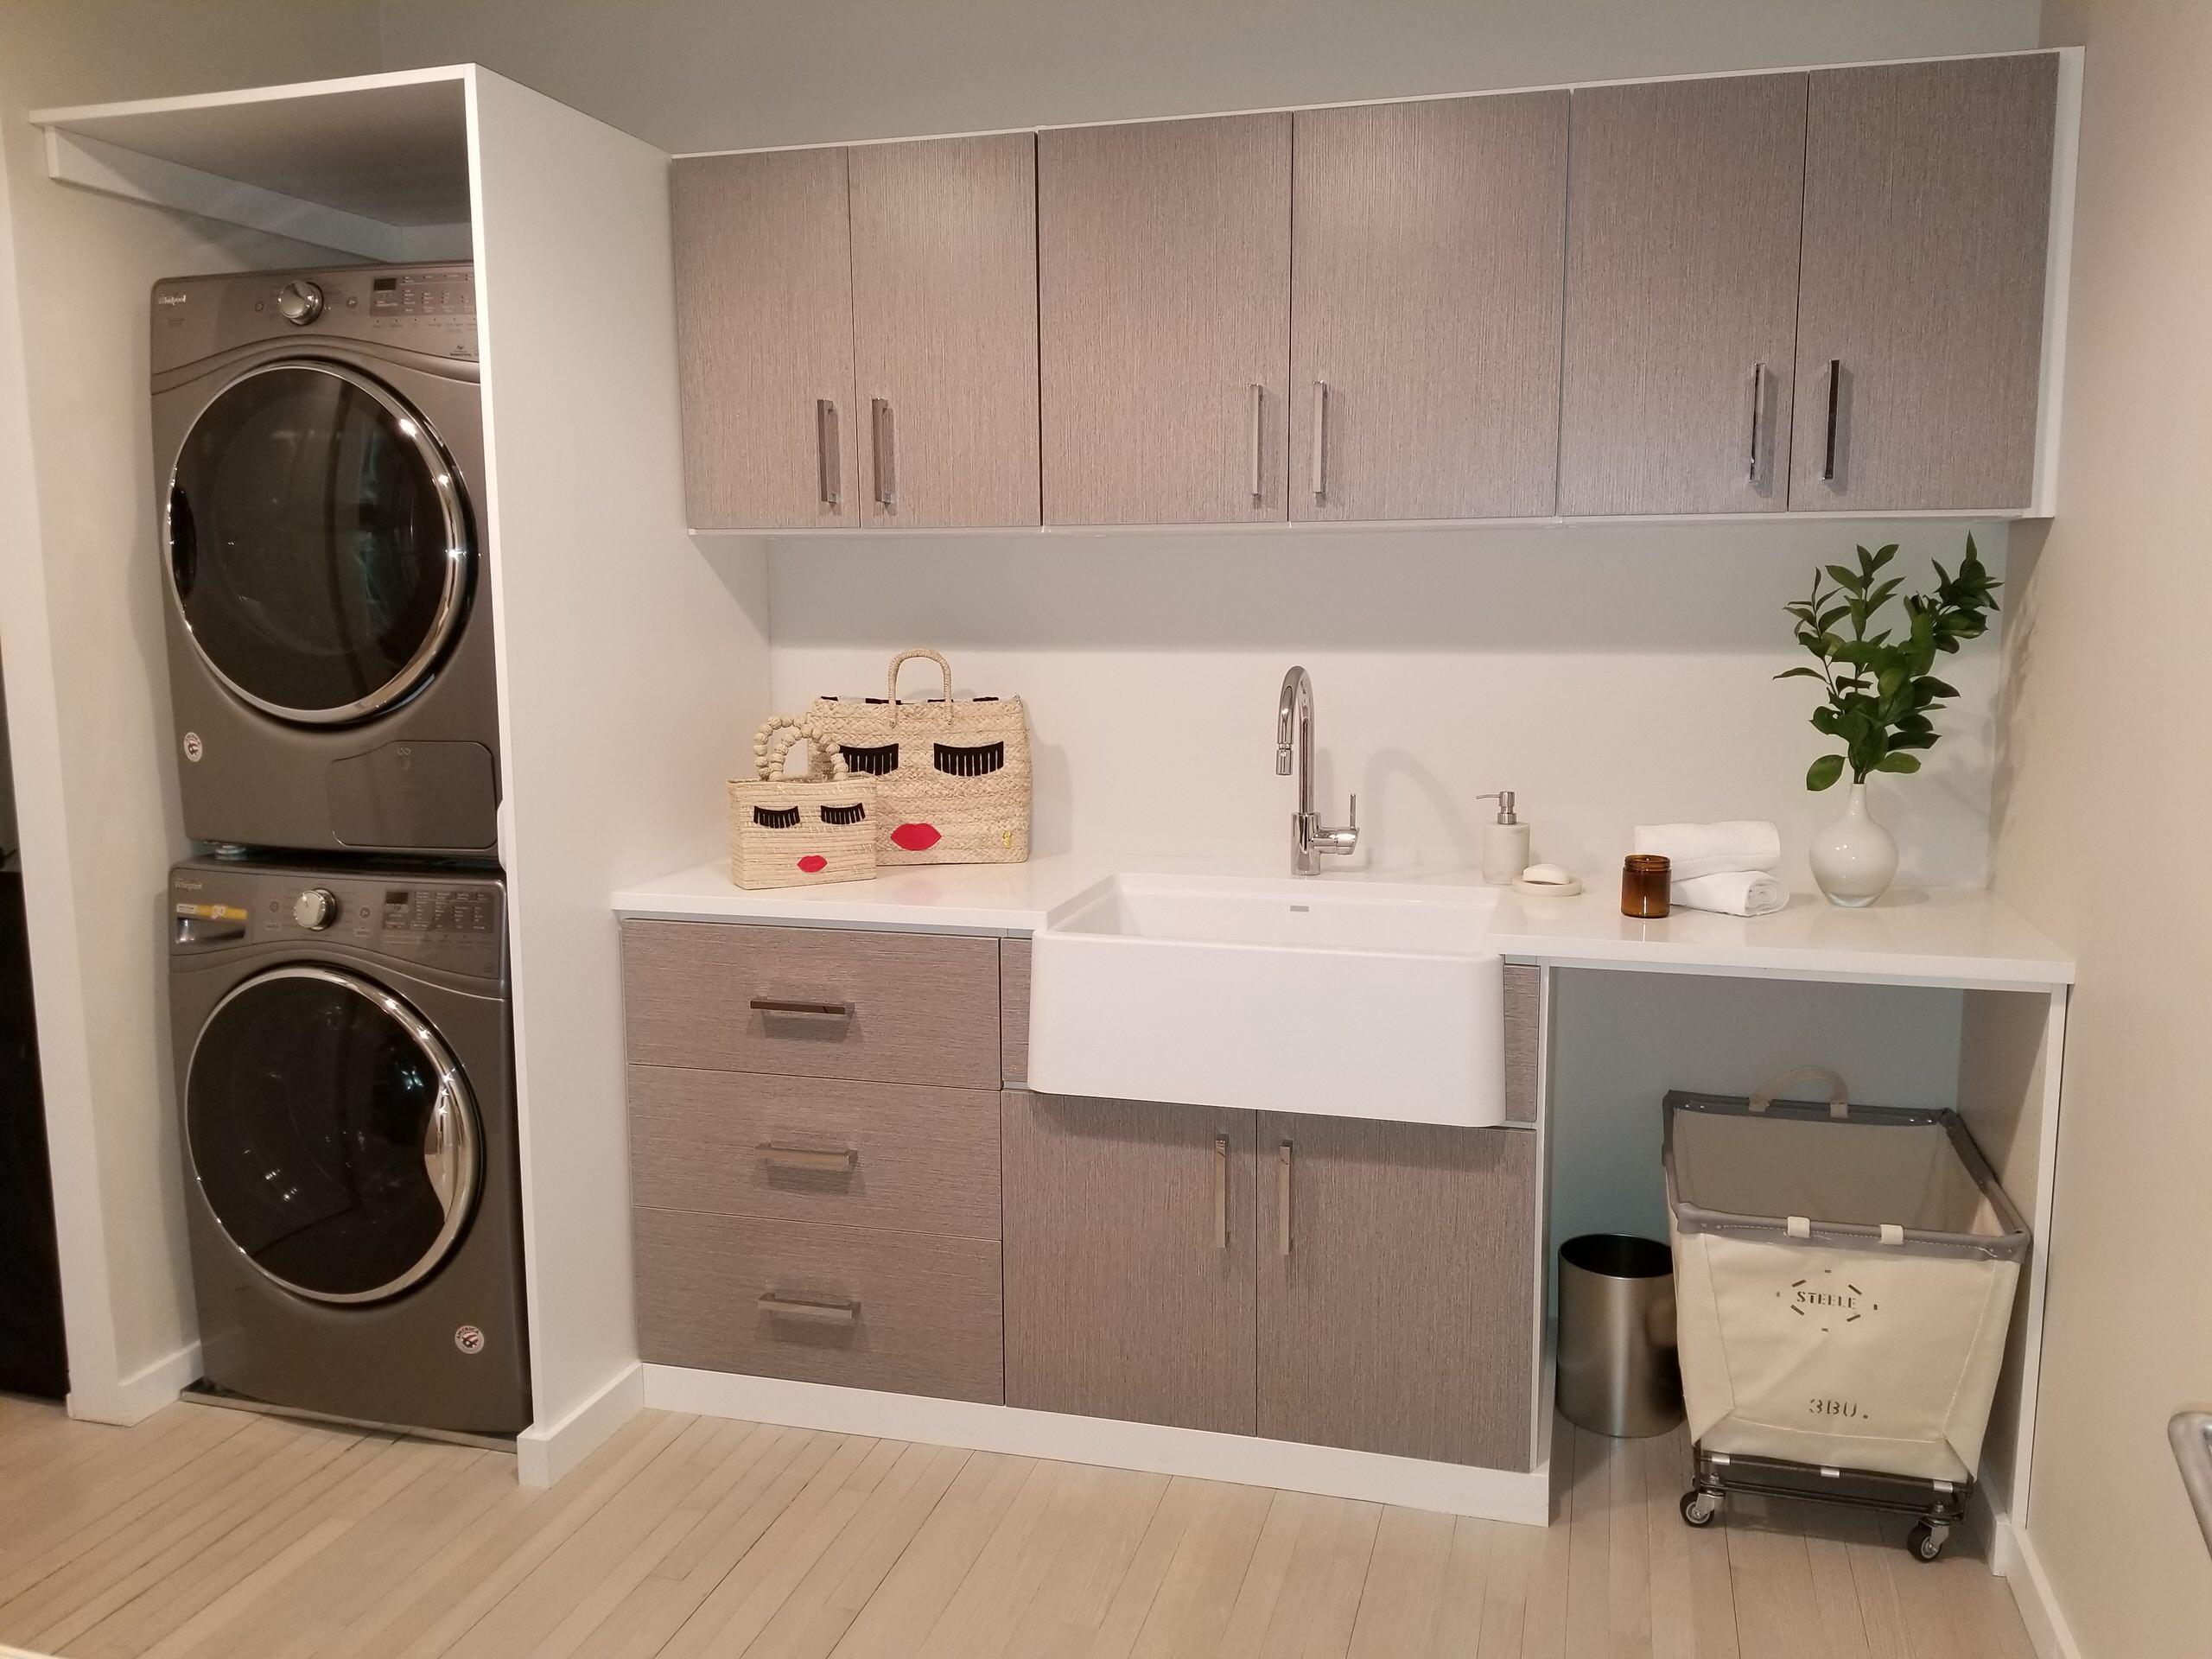 RHONY Laundry Room